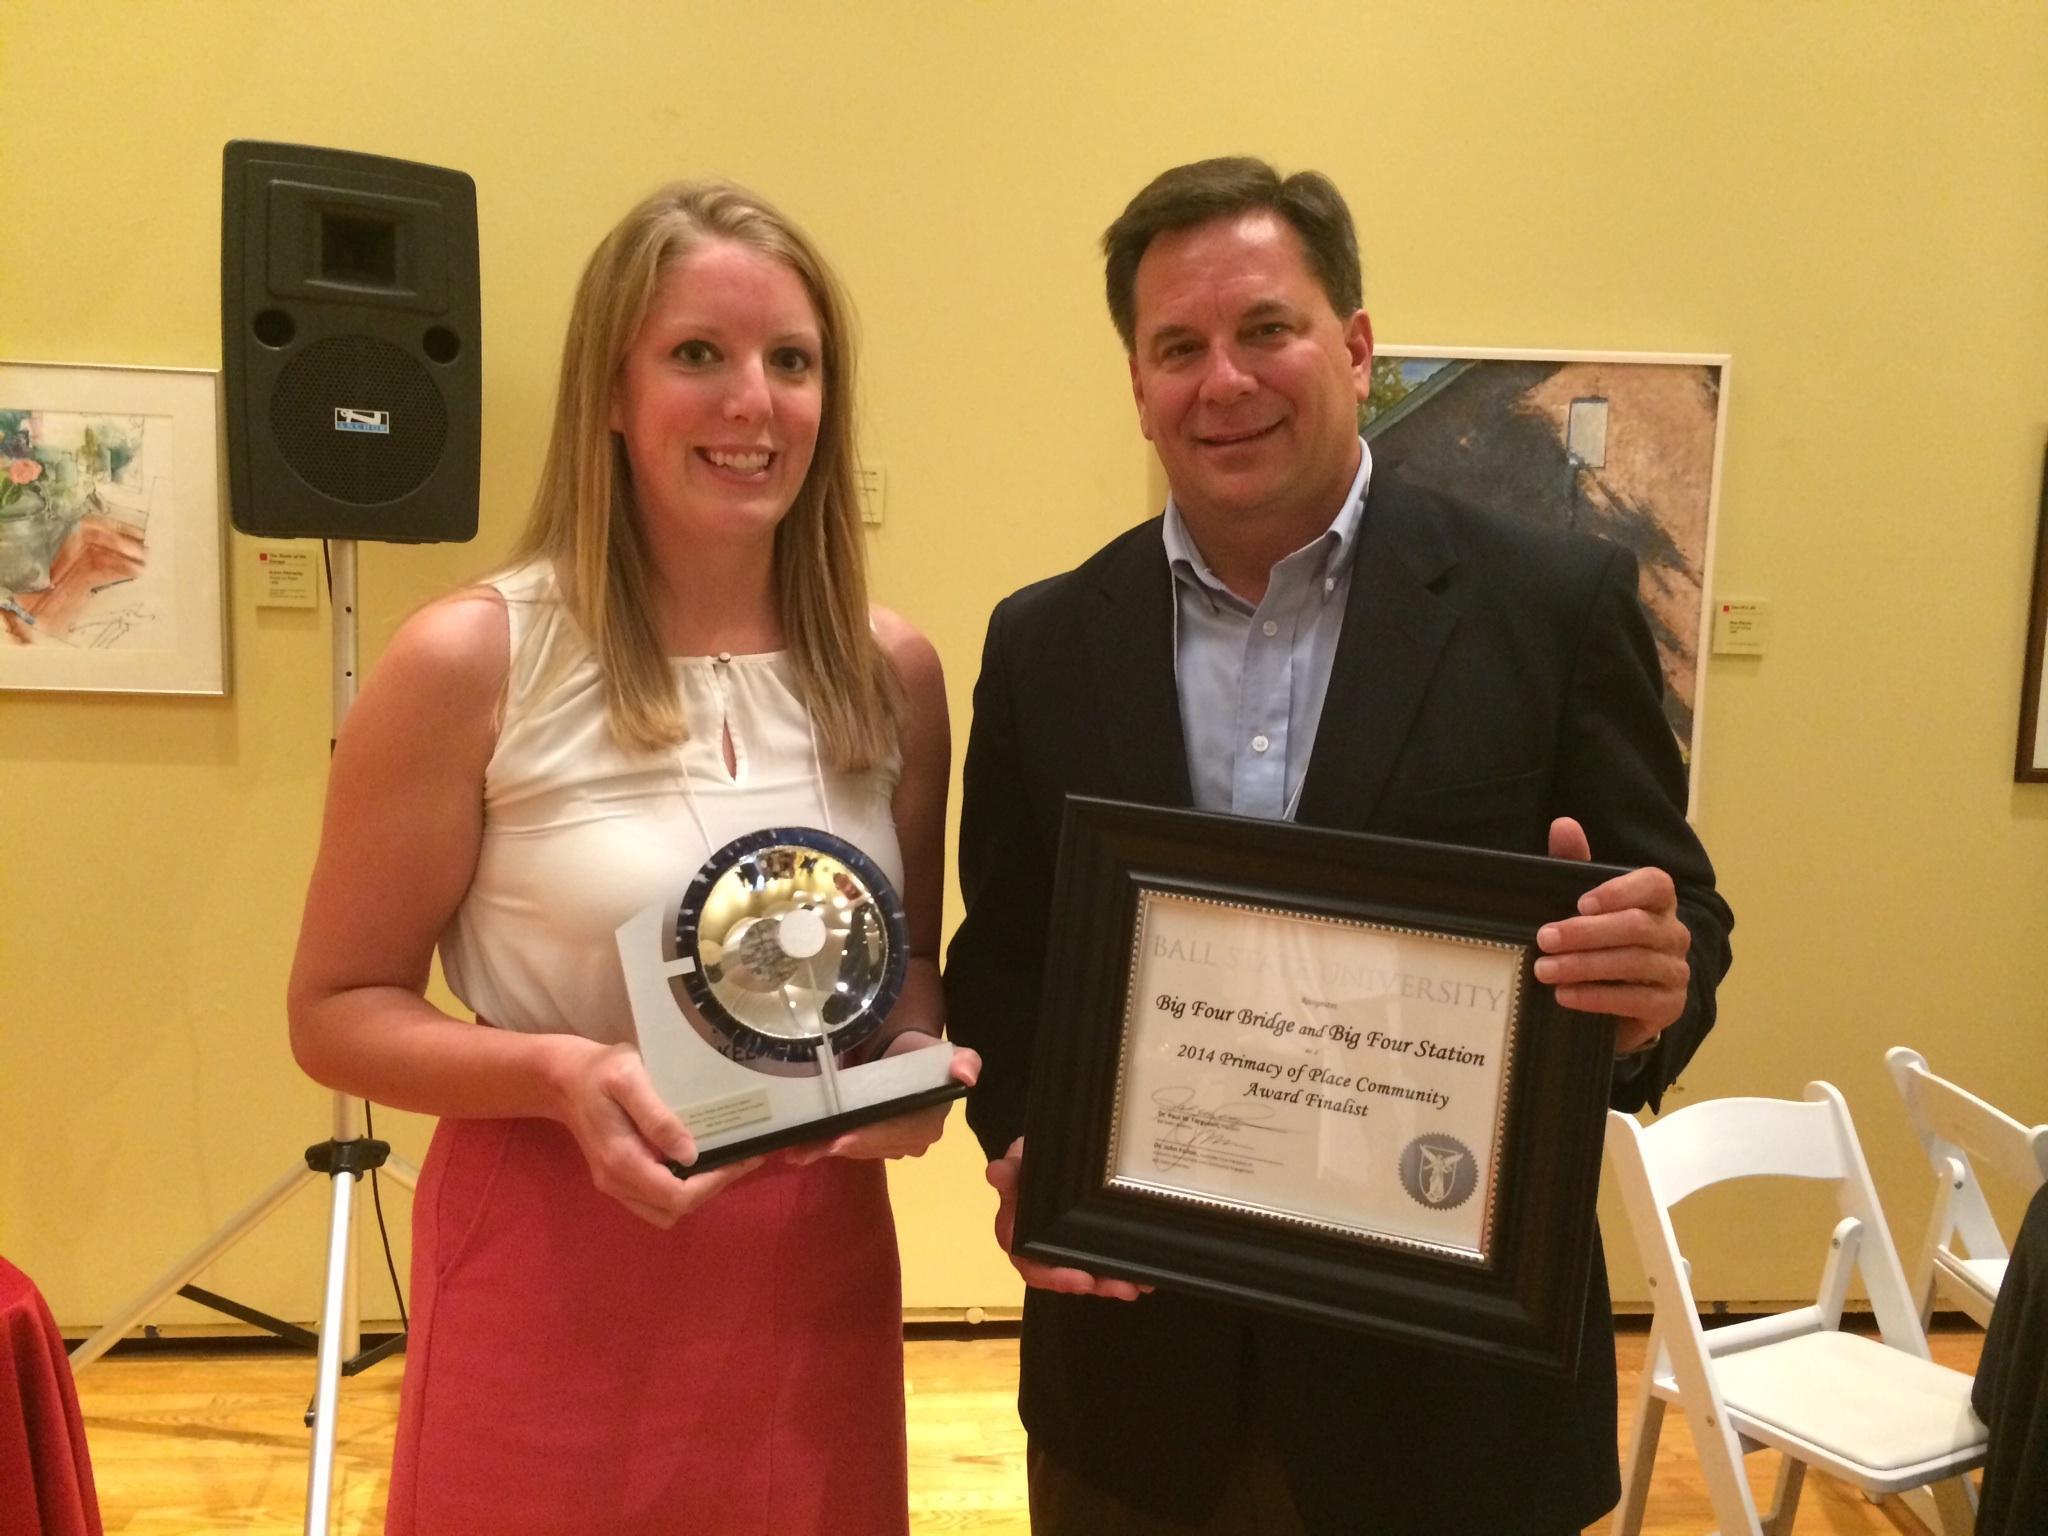 Ball State Award